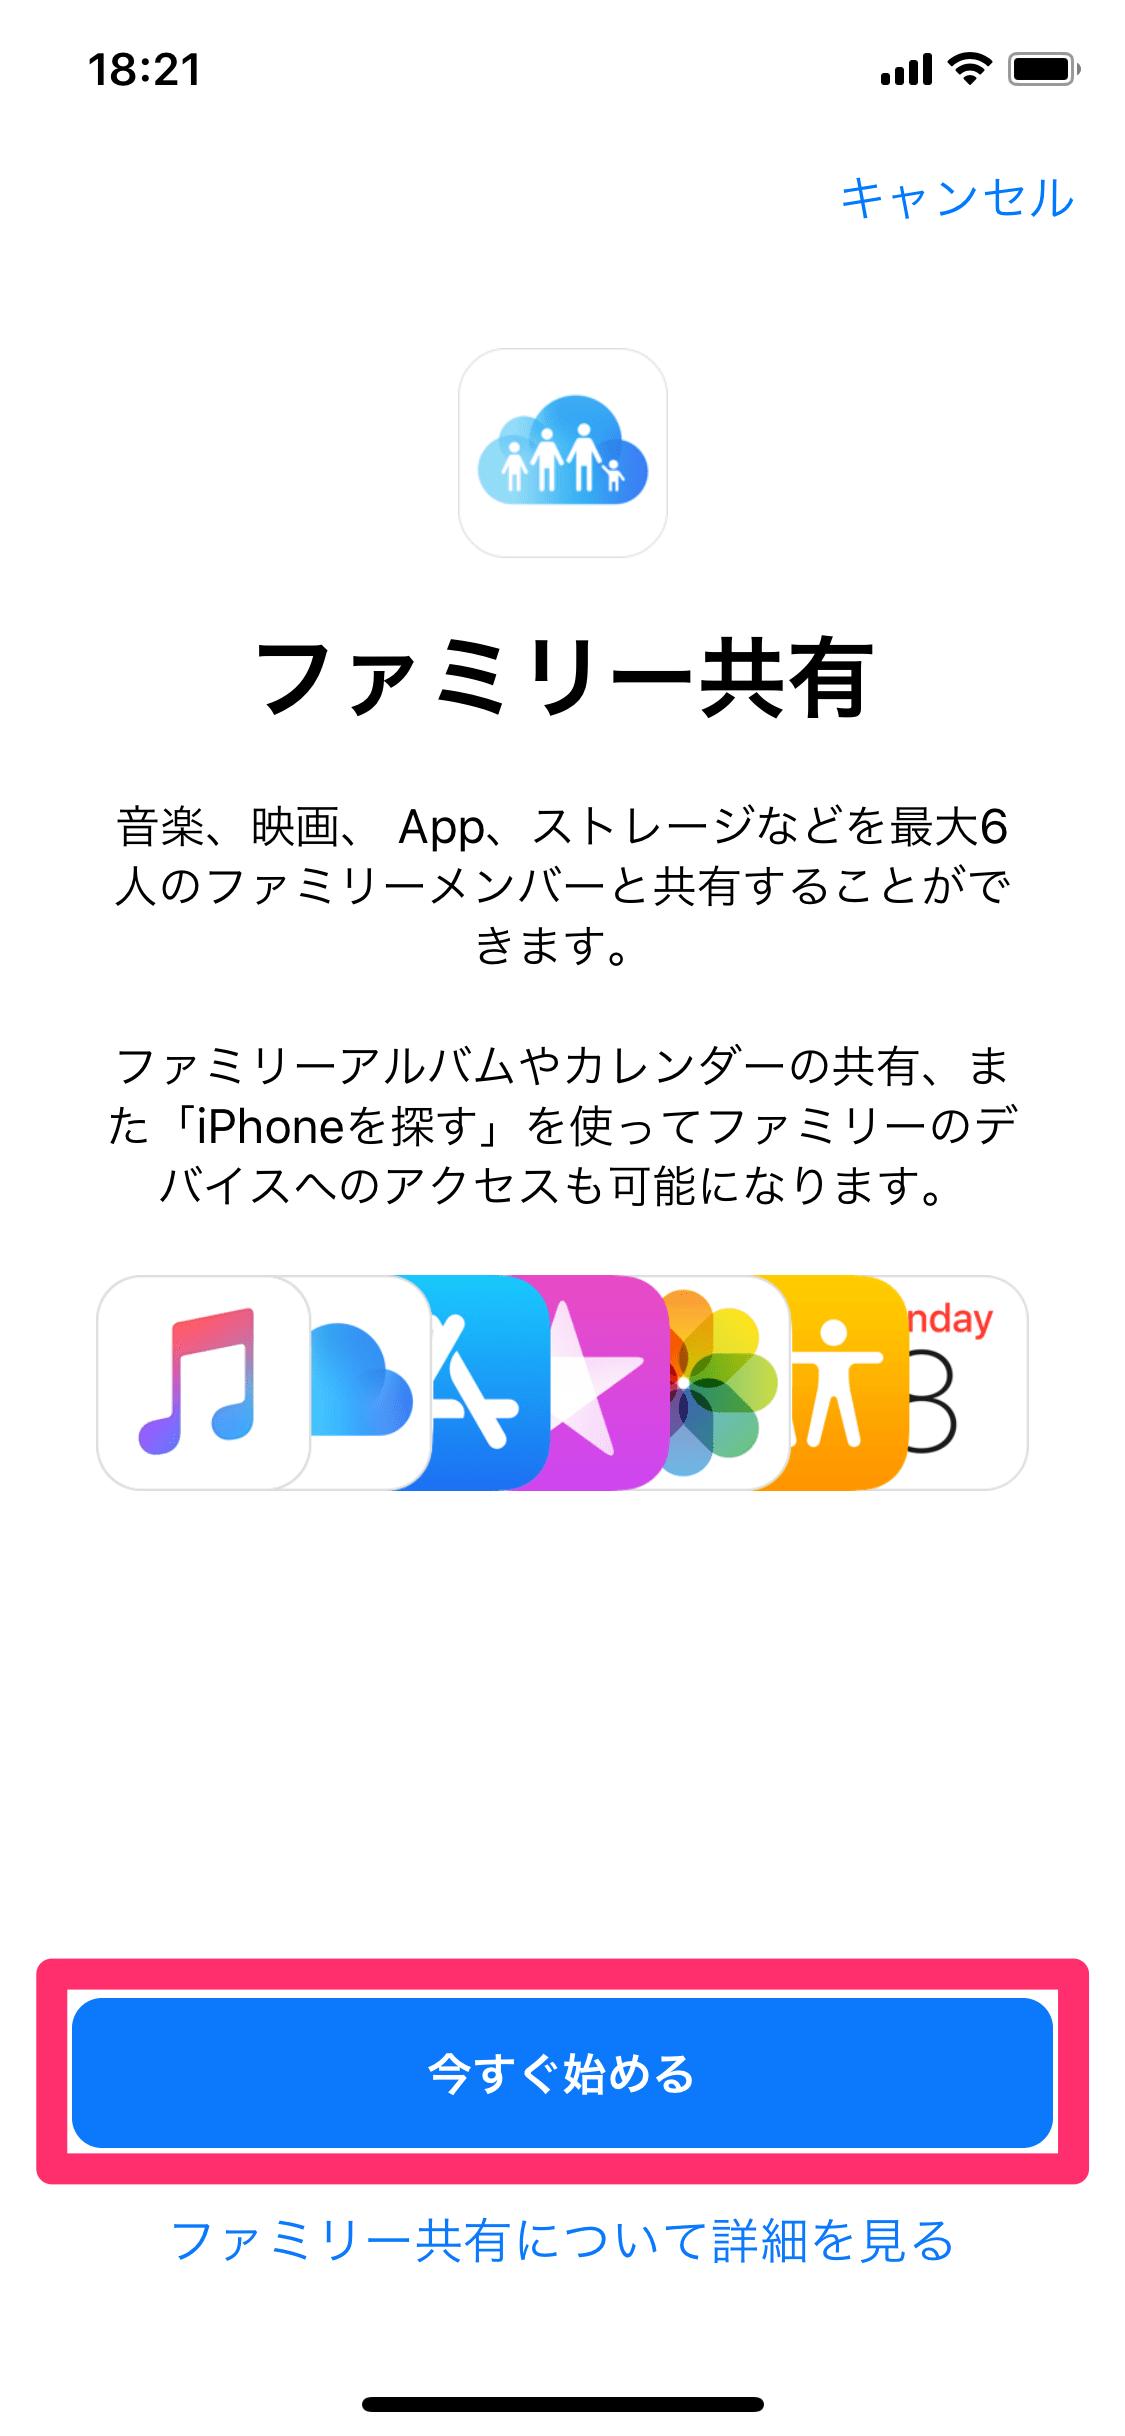 子ども(13歳未満)のApple IDを作成する方法。アプリの購入管理やFaceTimeが可能に!